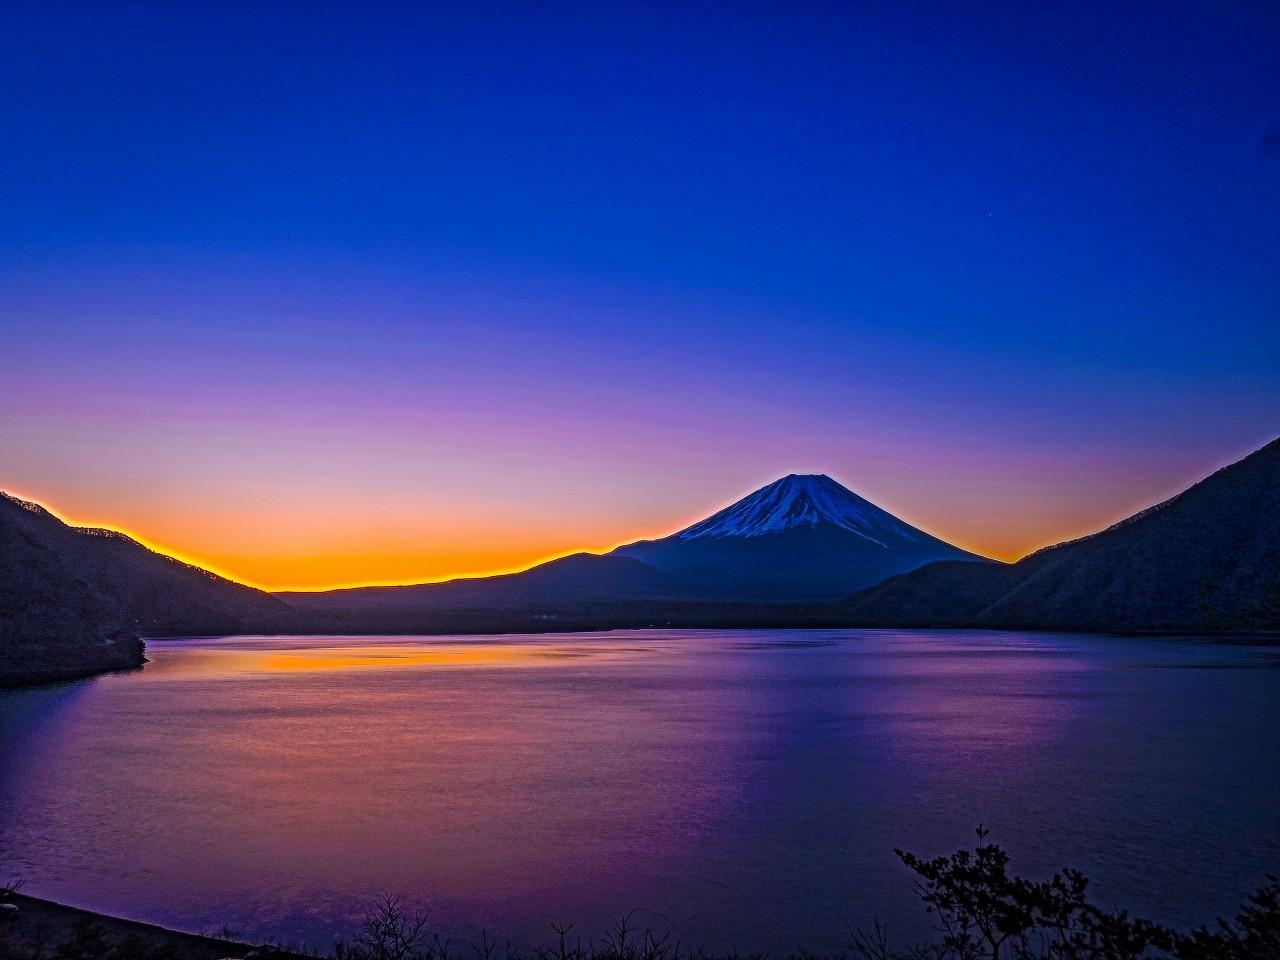 2020.3.6早朝の富士山(本栖湖)_e0321032_15345046.jpg